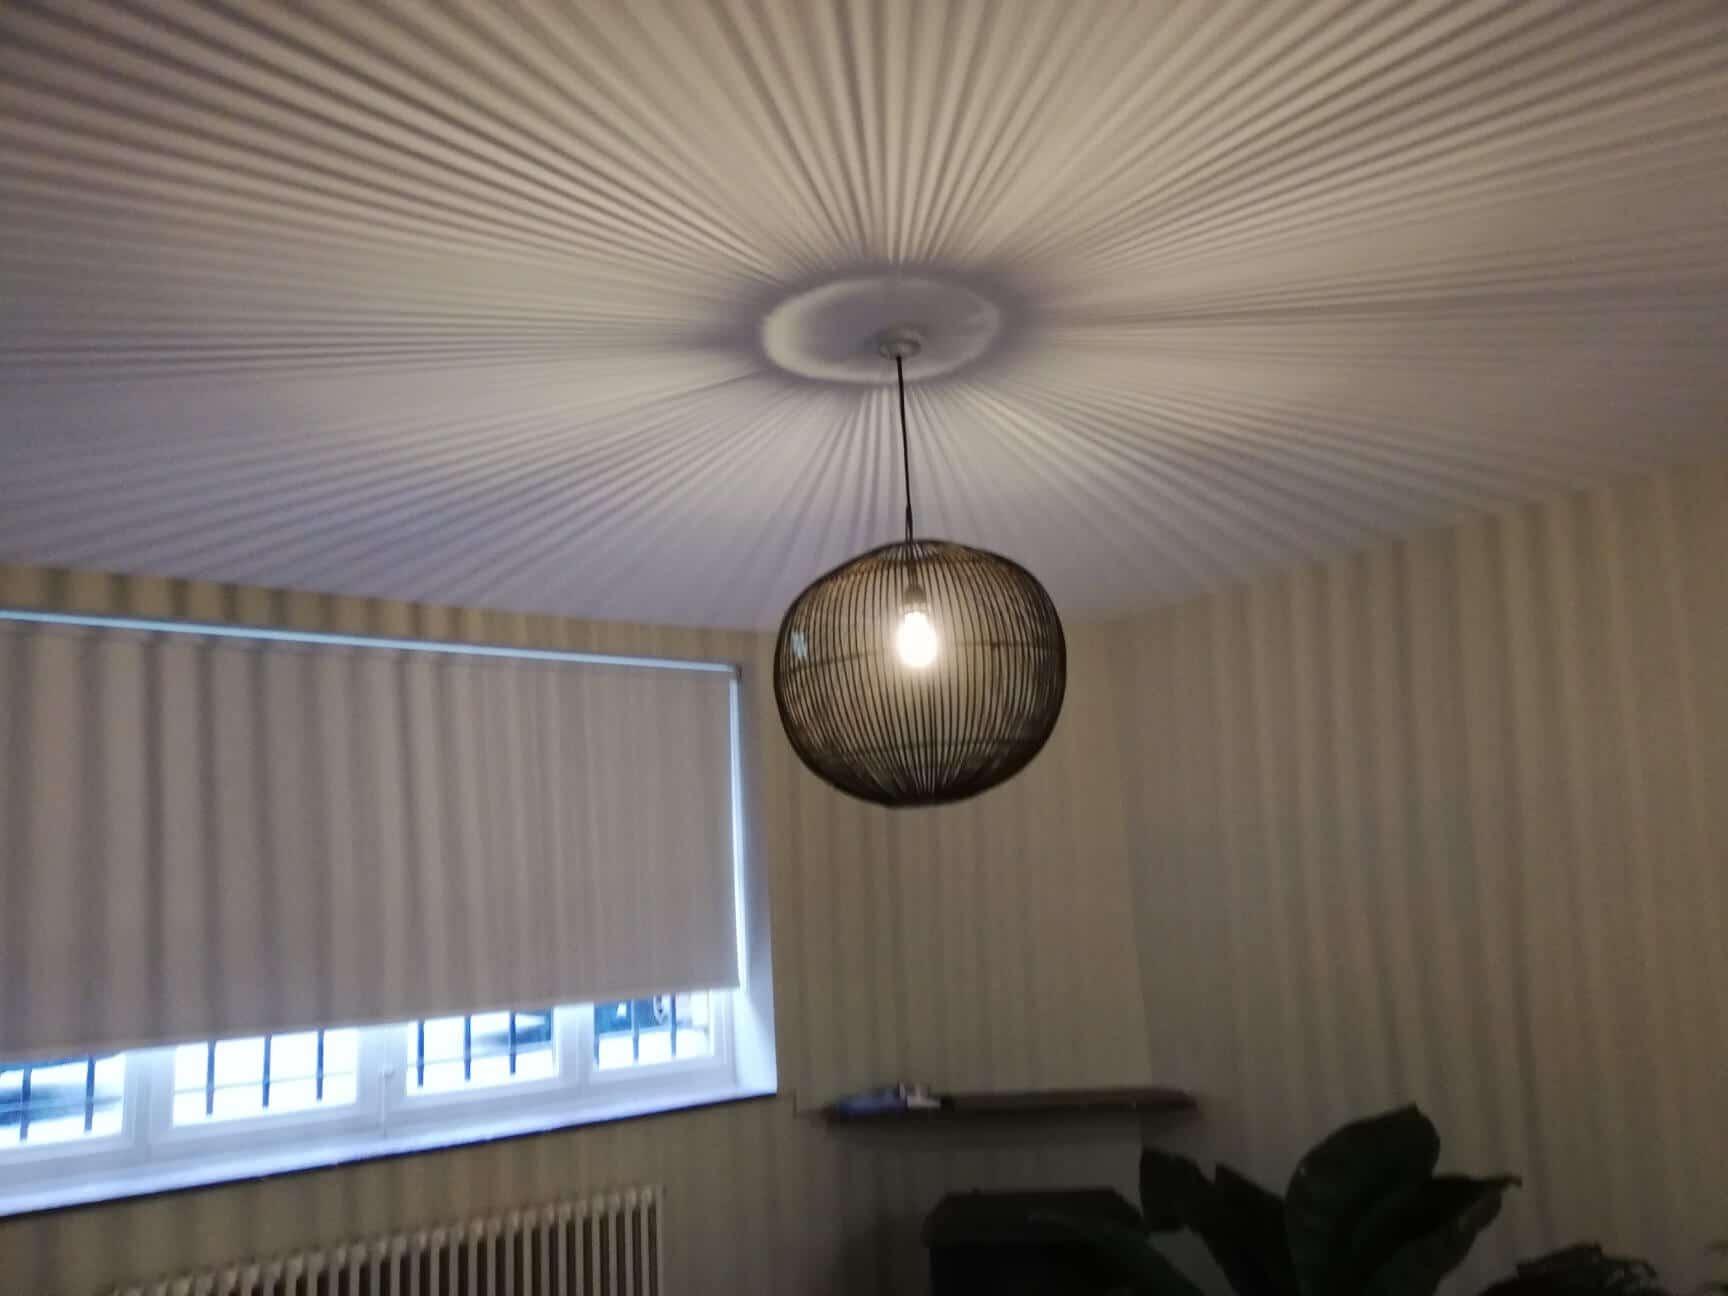 eclairage-int-black-chandlier-galerie-electricite-vanhoyesprl